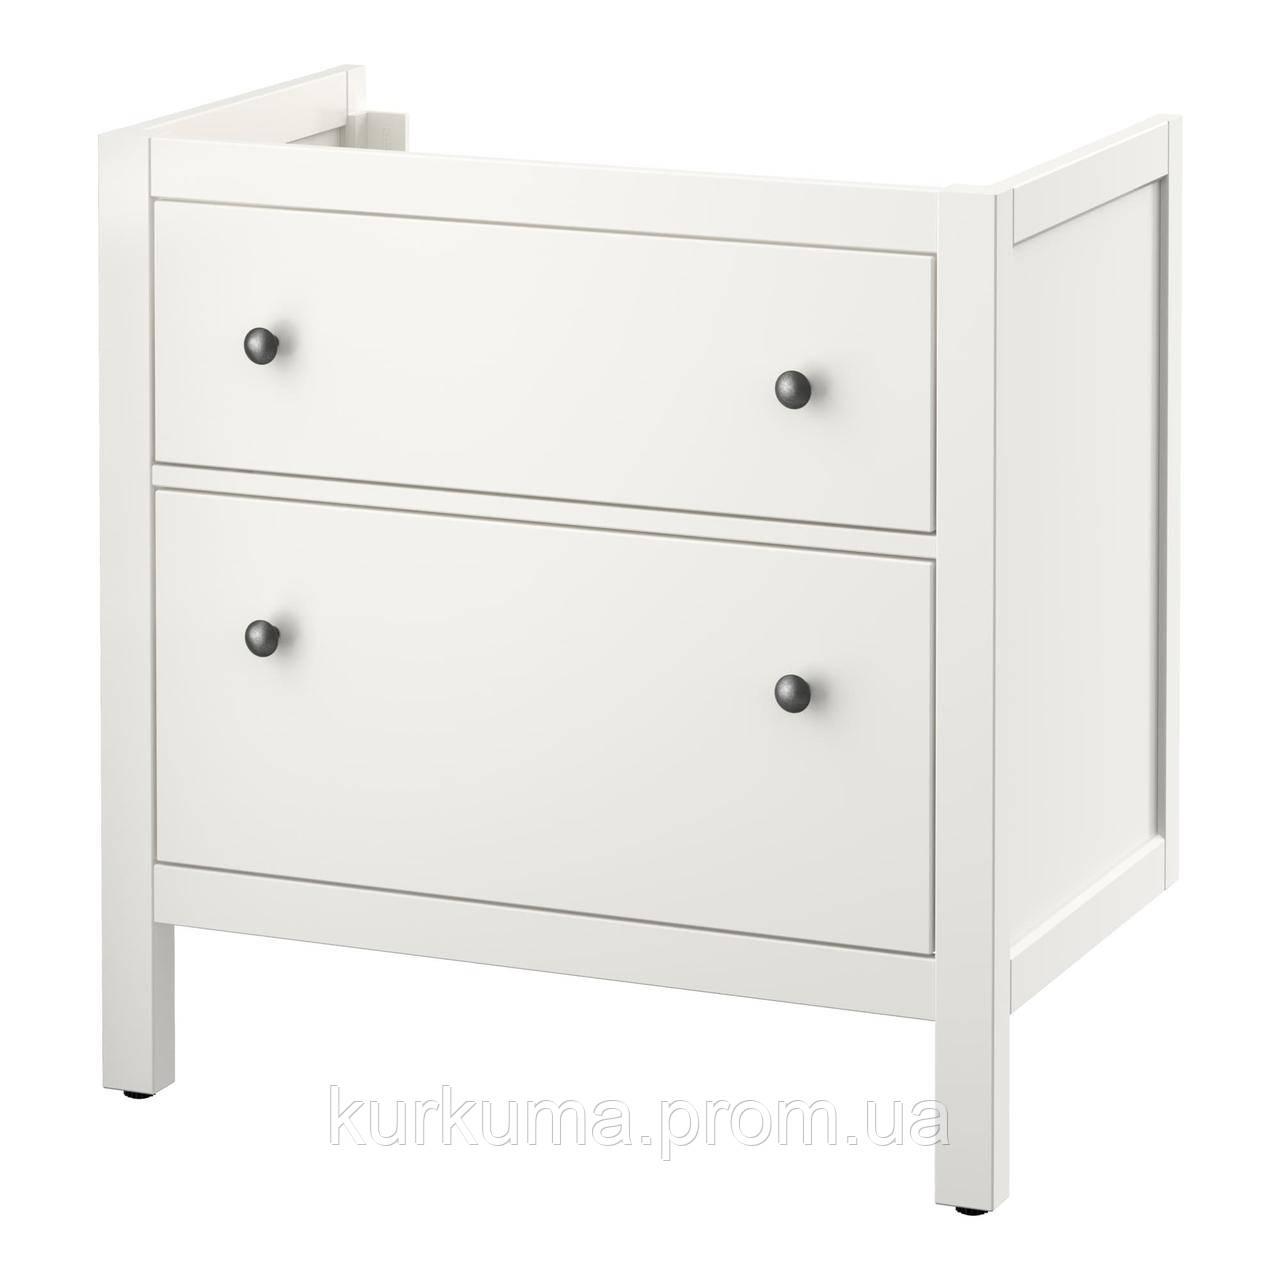 IKEA HEMNES Шкаф под умывальник с раковиной, белый  (202.176.64)